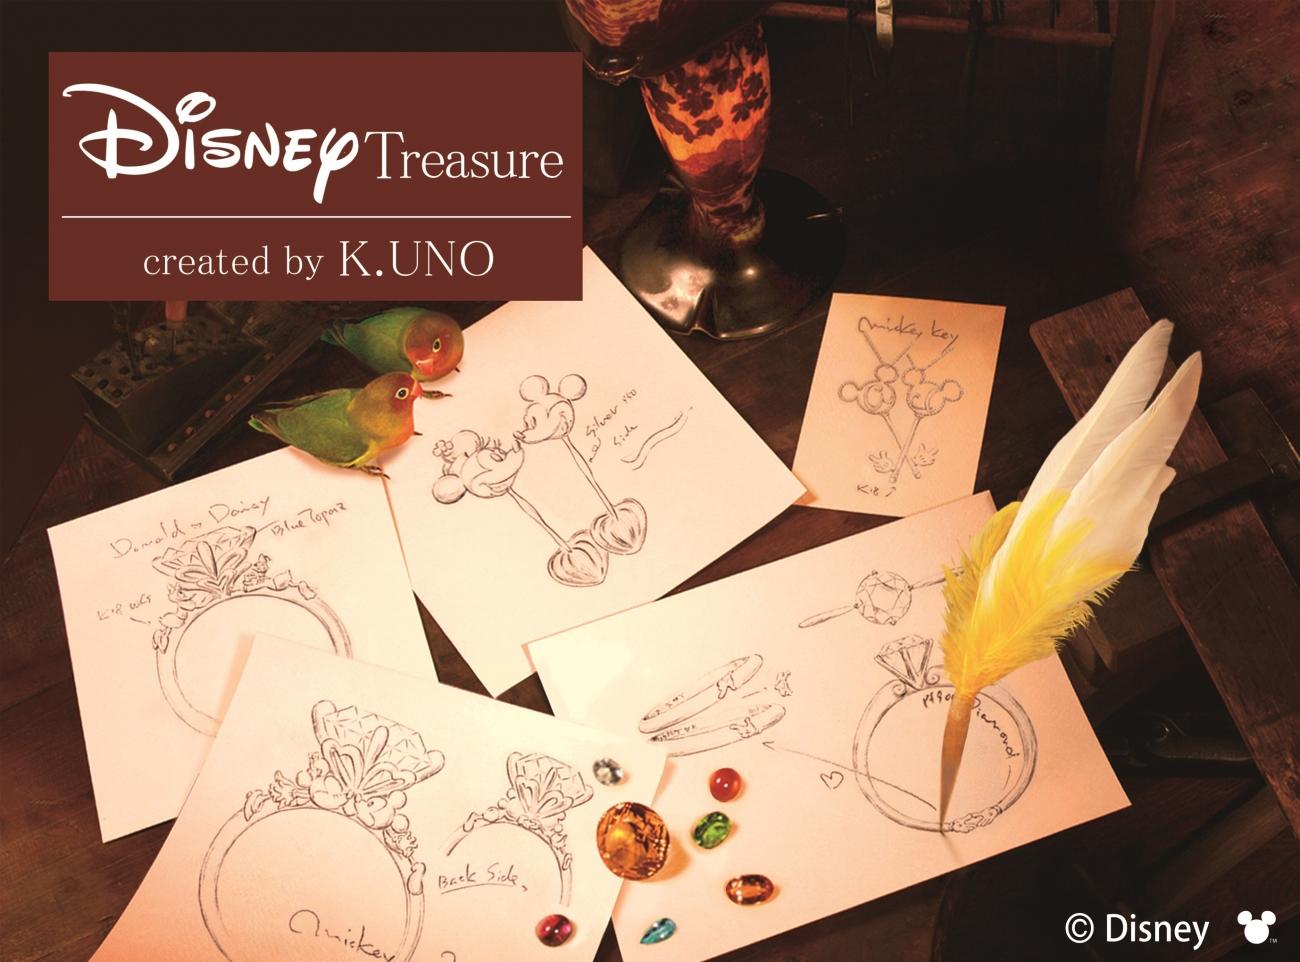 ケイウノ Disneyデザイン ブライダルフェア